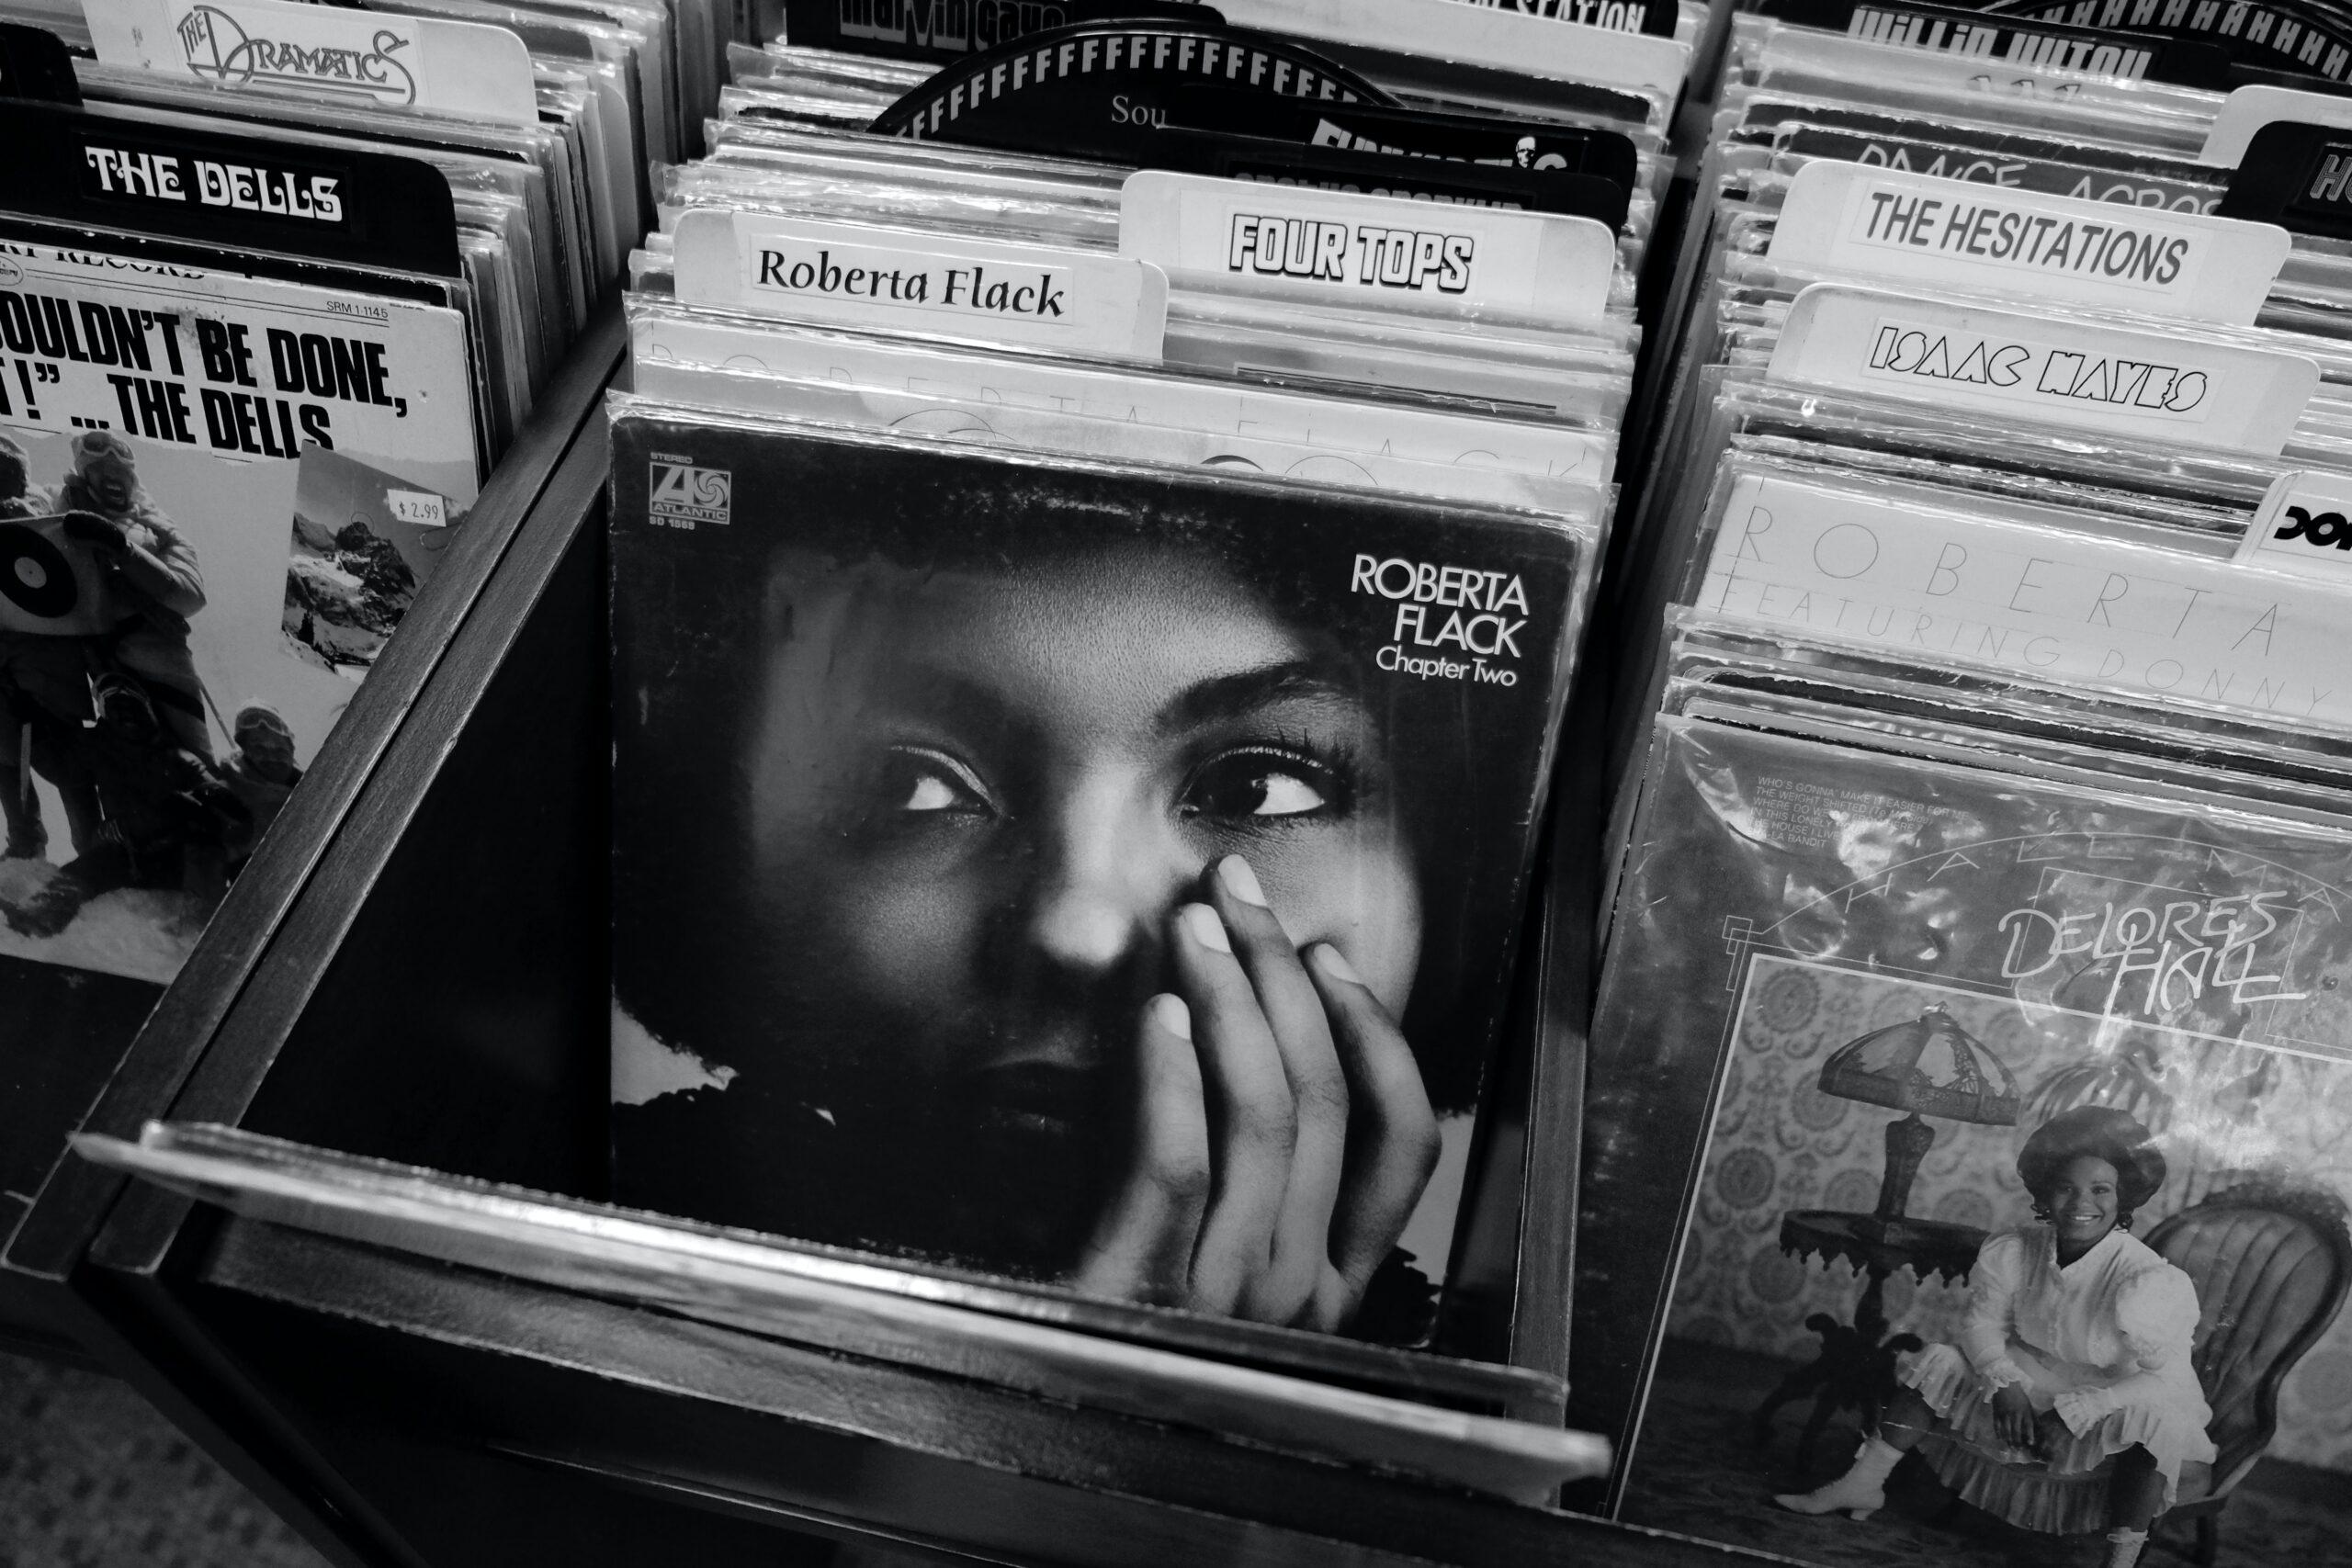 Maestro Records Cover Image 2